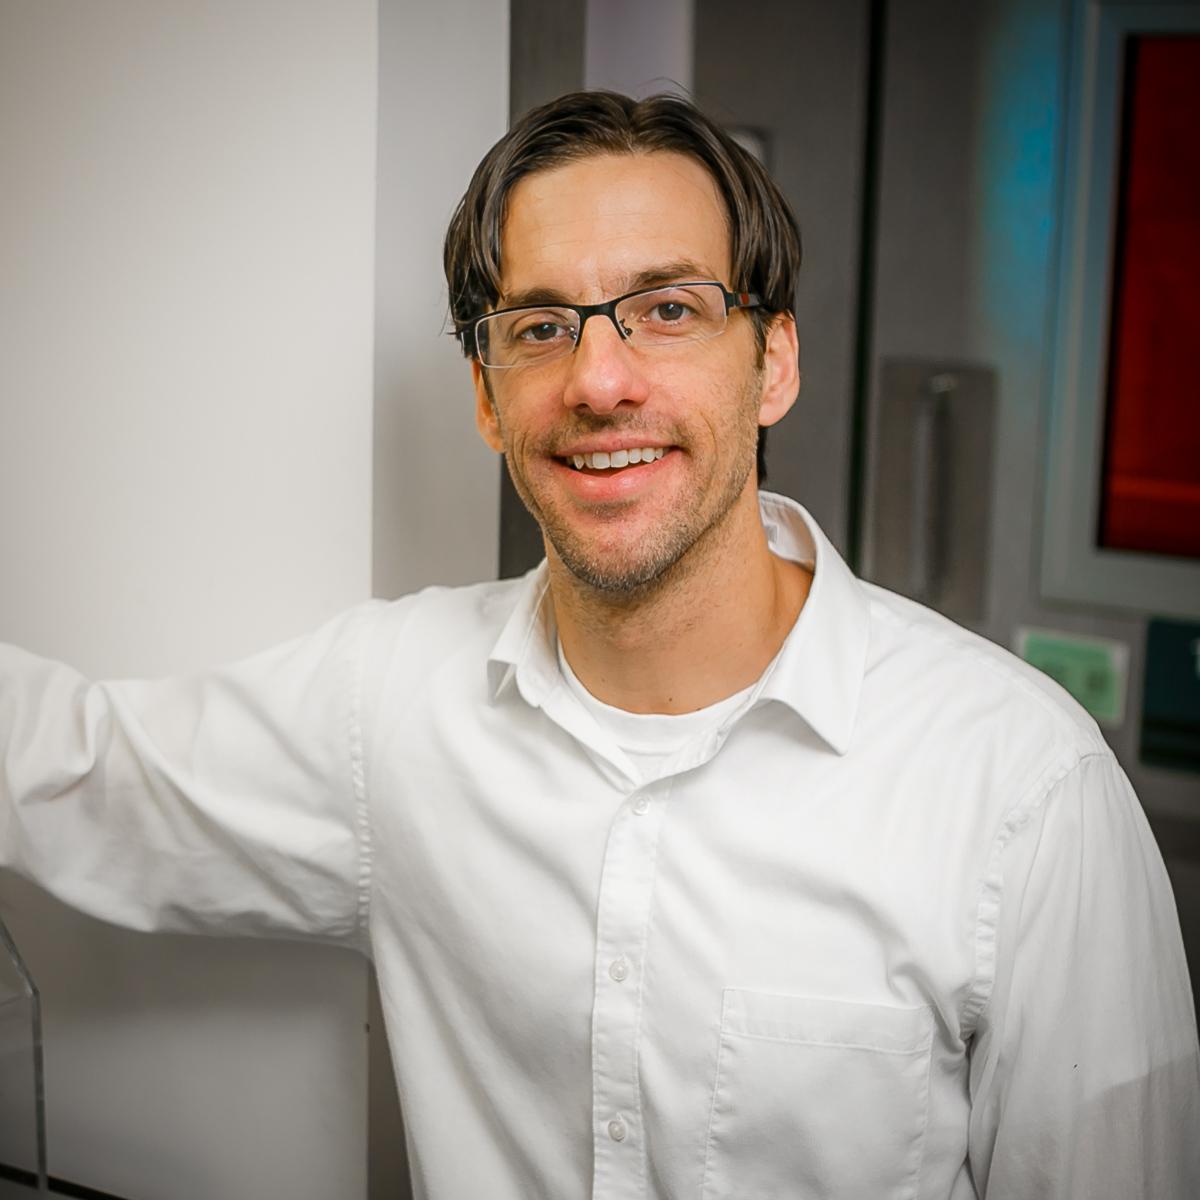 Alexander T. Ciota, Ph.D.